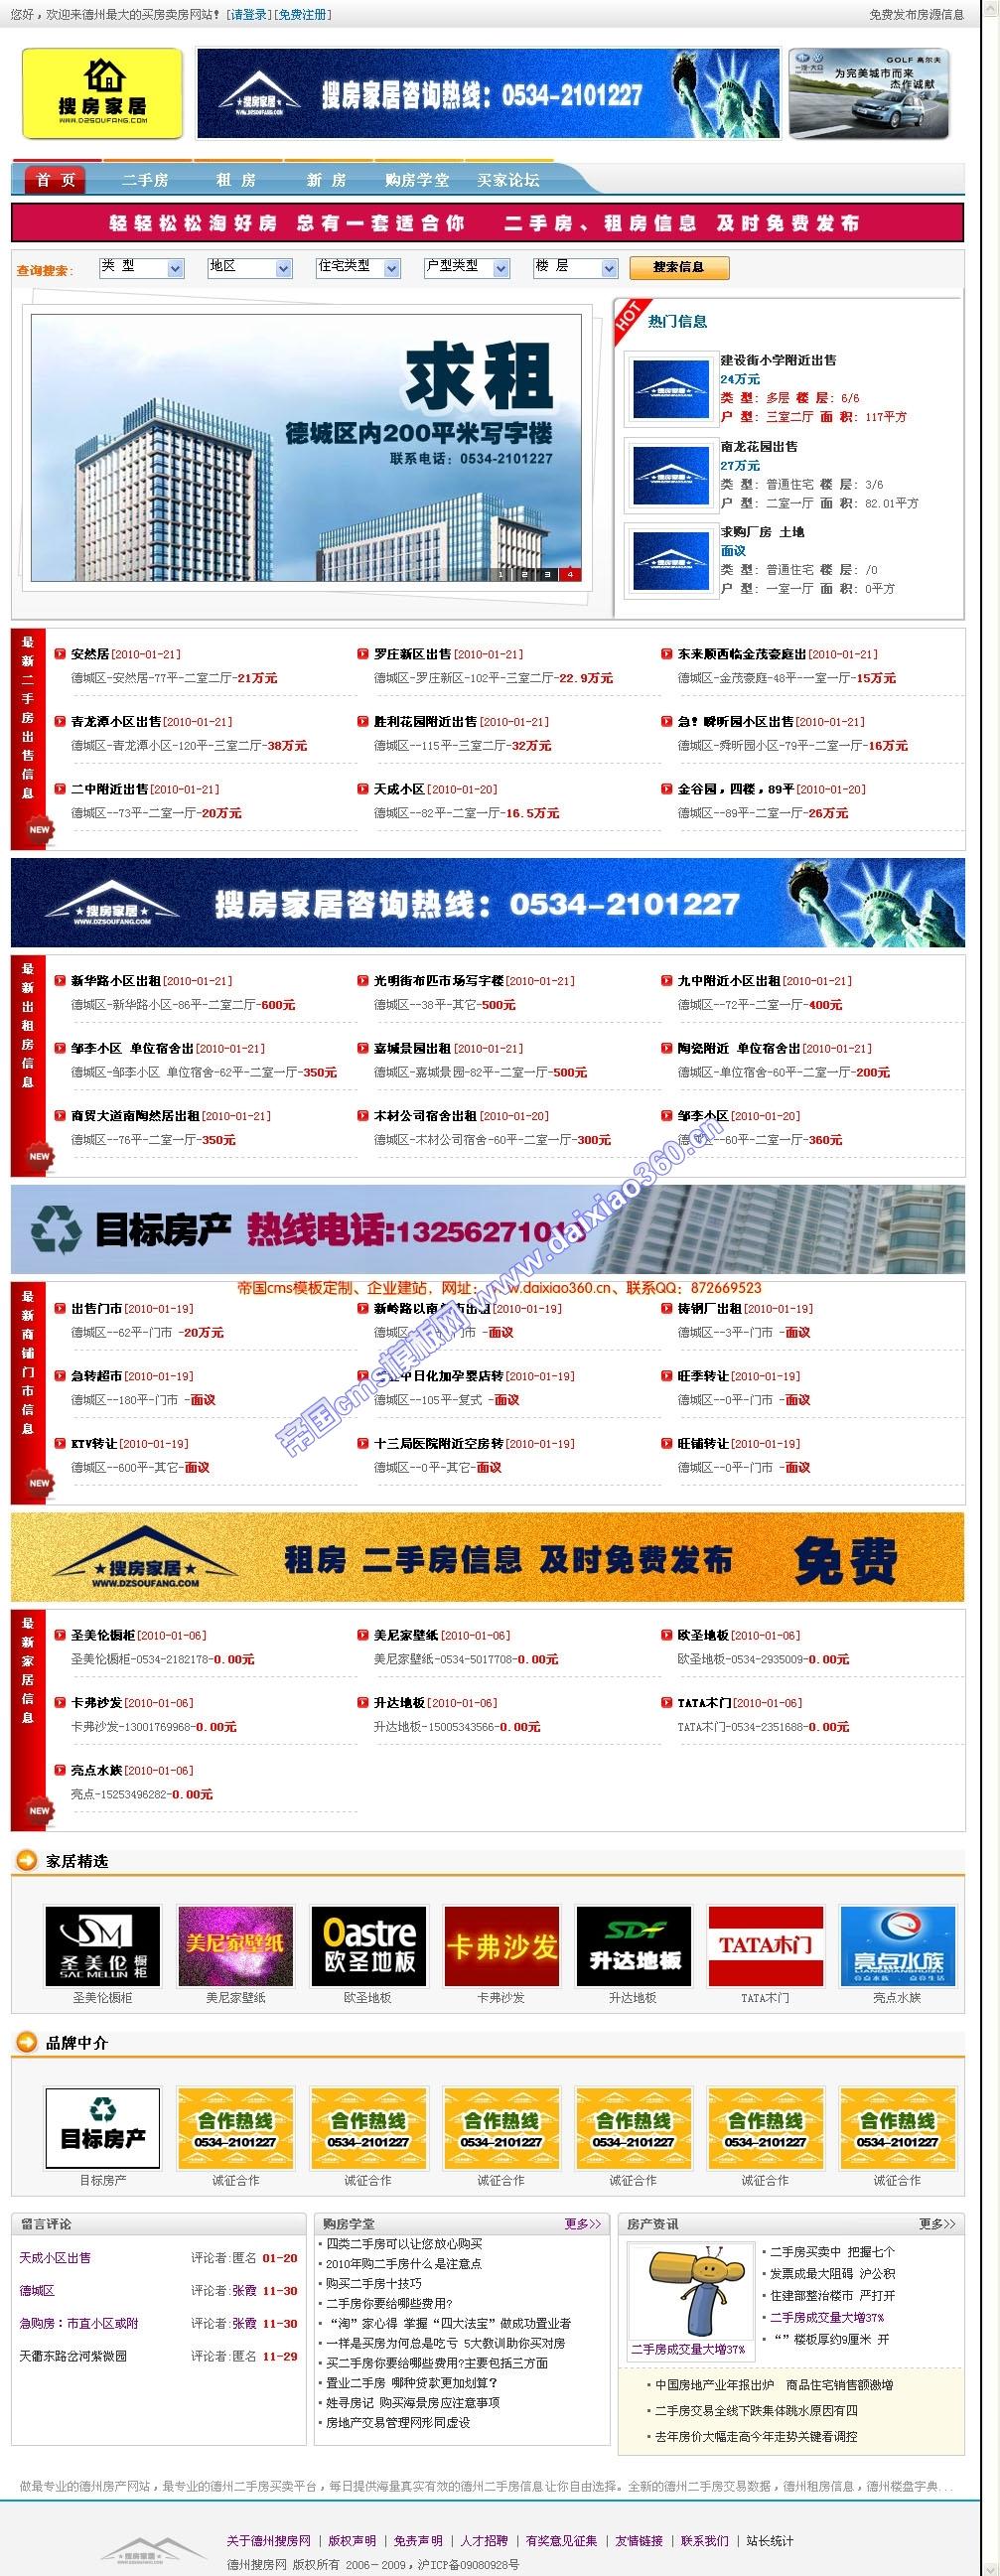 帝国cms房产网站模板提供下载